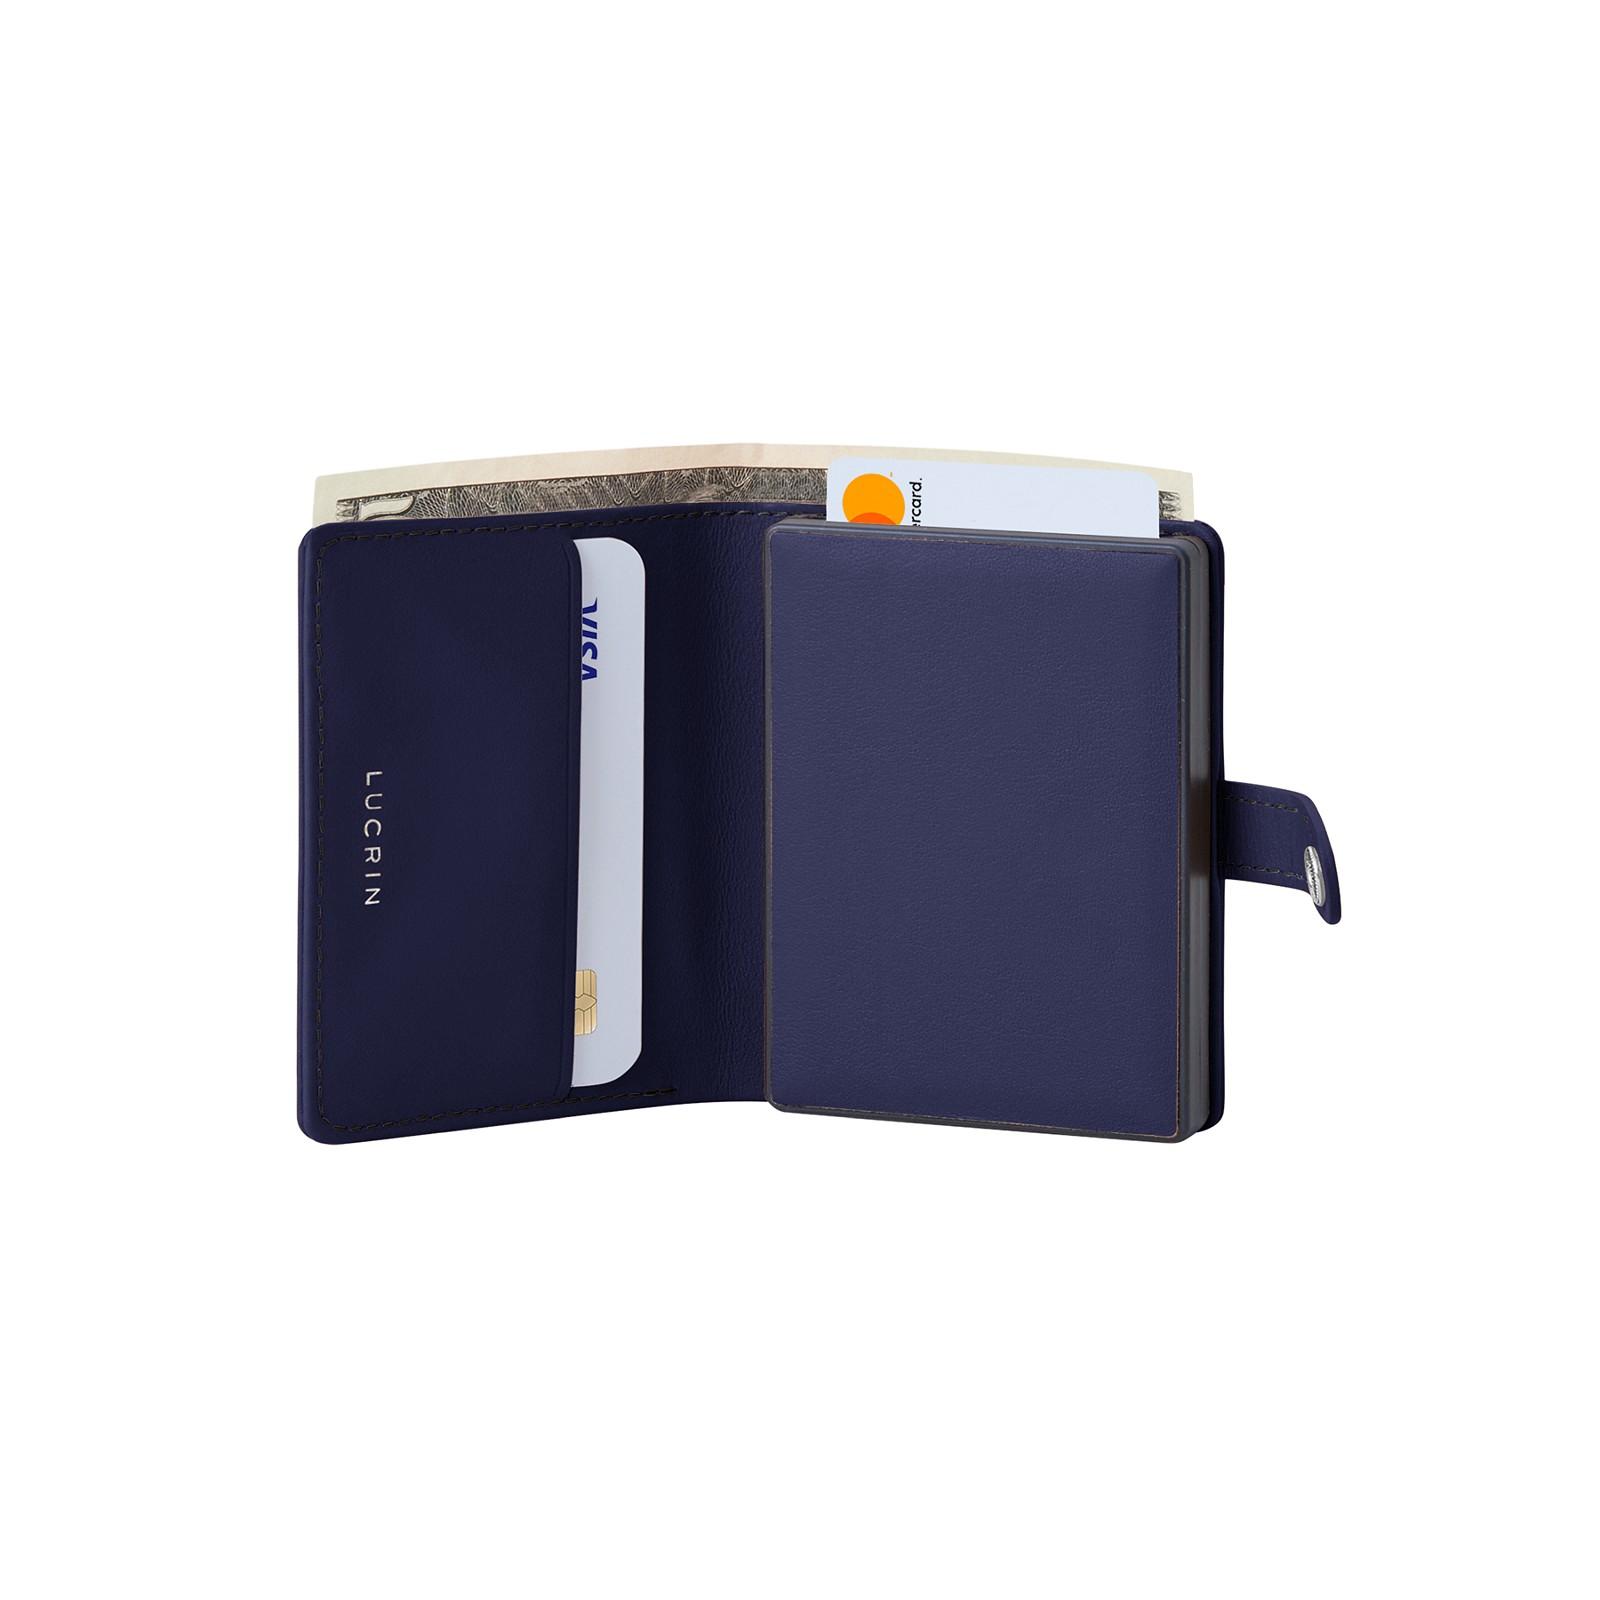 959140b312 Portafoglio compatto anti-RFID Blu Navy - Pelle Liscia Portafoglio compatto  anti-RFID Blu Navy - Pelle Liscia 